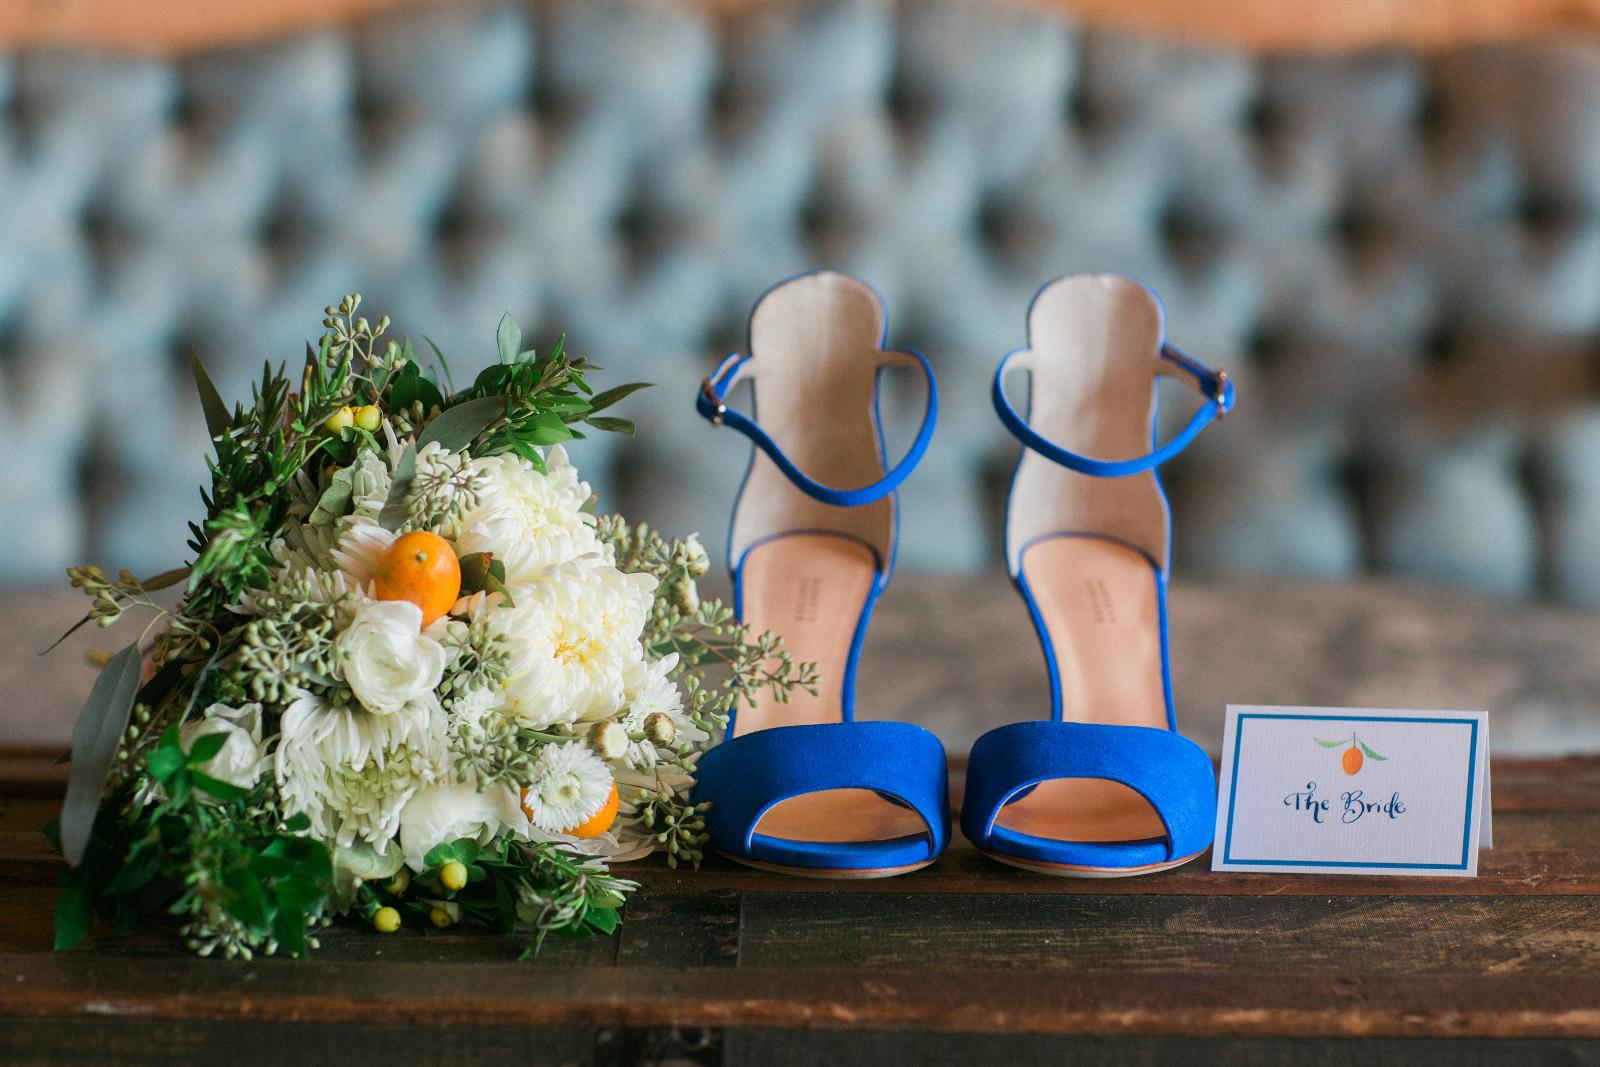 Blue Bridal shoues